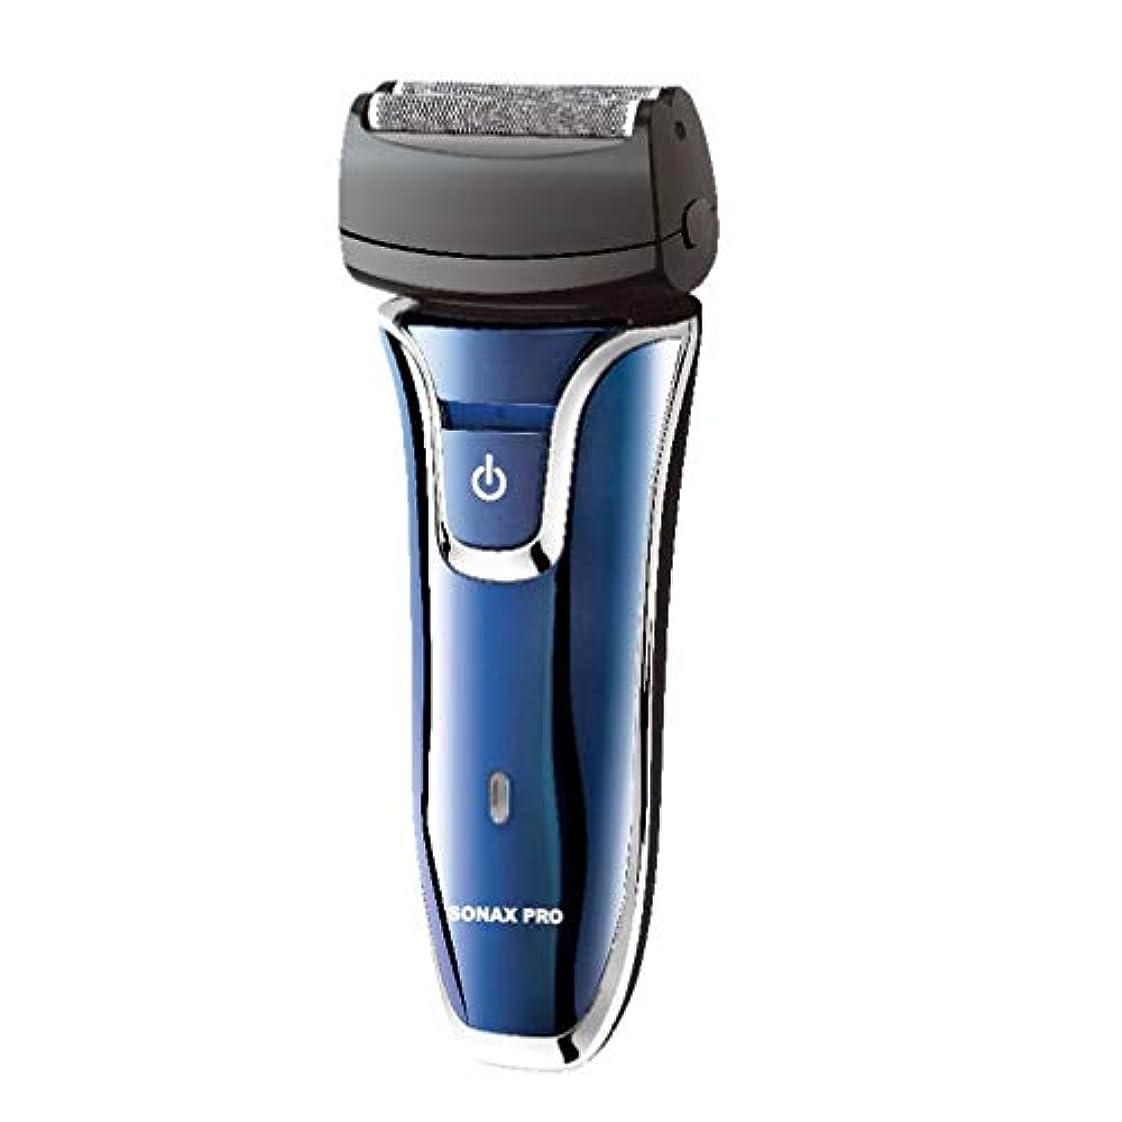 哺乳類高く疼痛Sonax Proの電気かみそり往復ダブルメッシュシェービングナイフ男充電式髭ナイフN-7722の場合